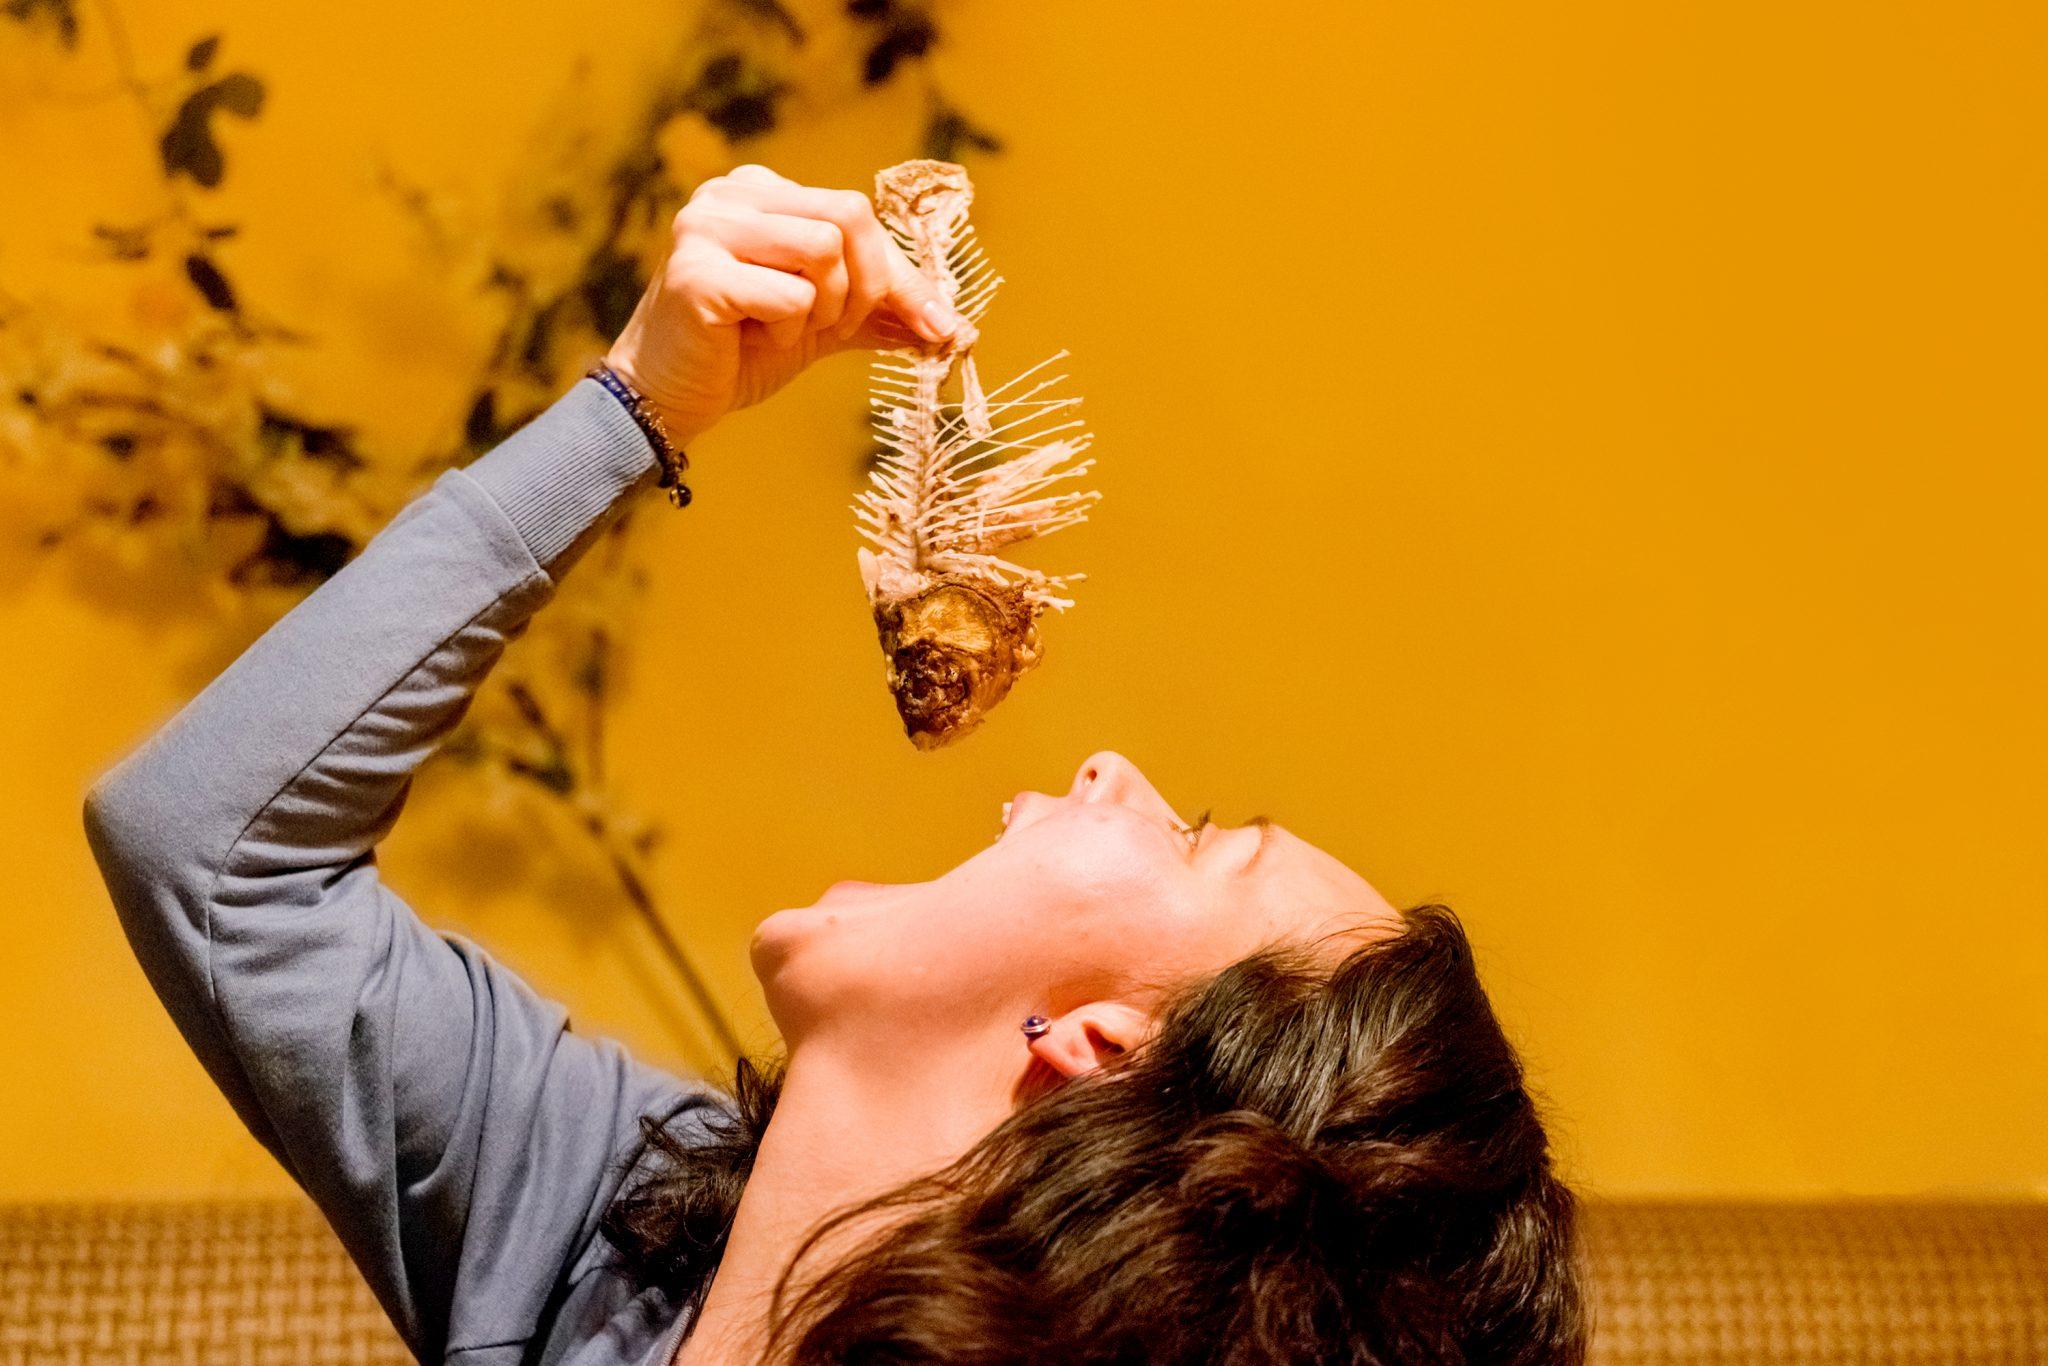 魚の骨を丸ごと食べようとしている女性